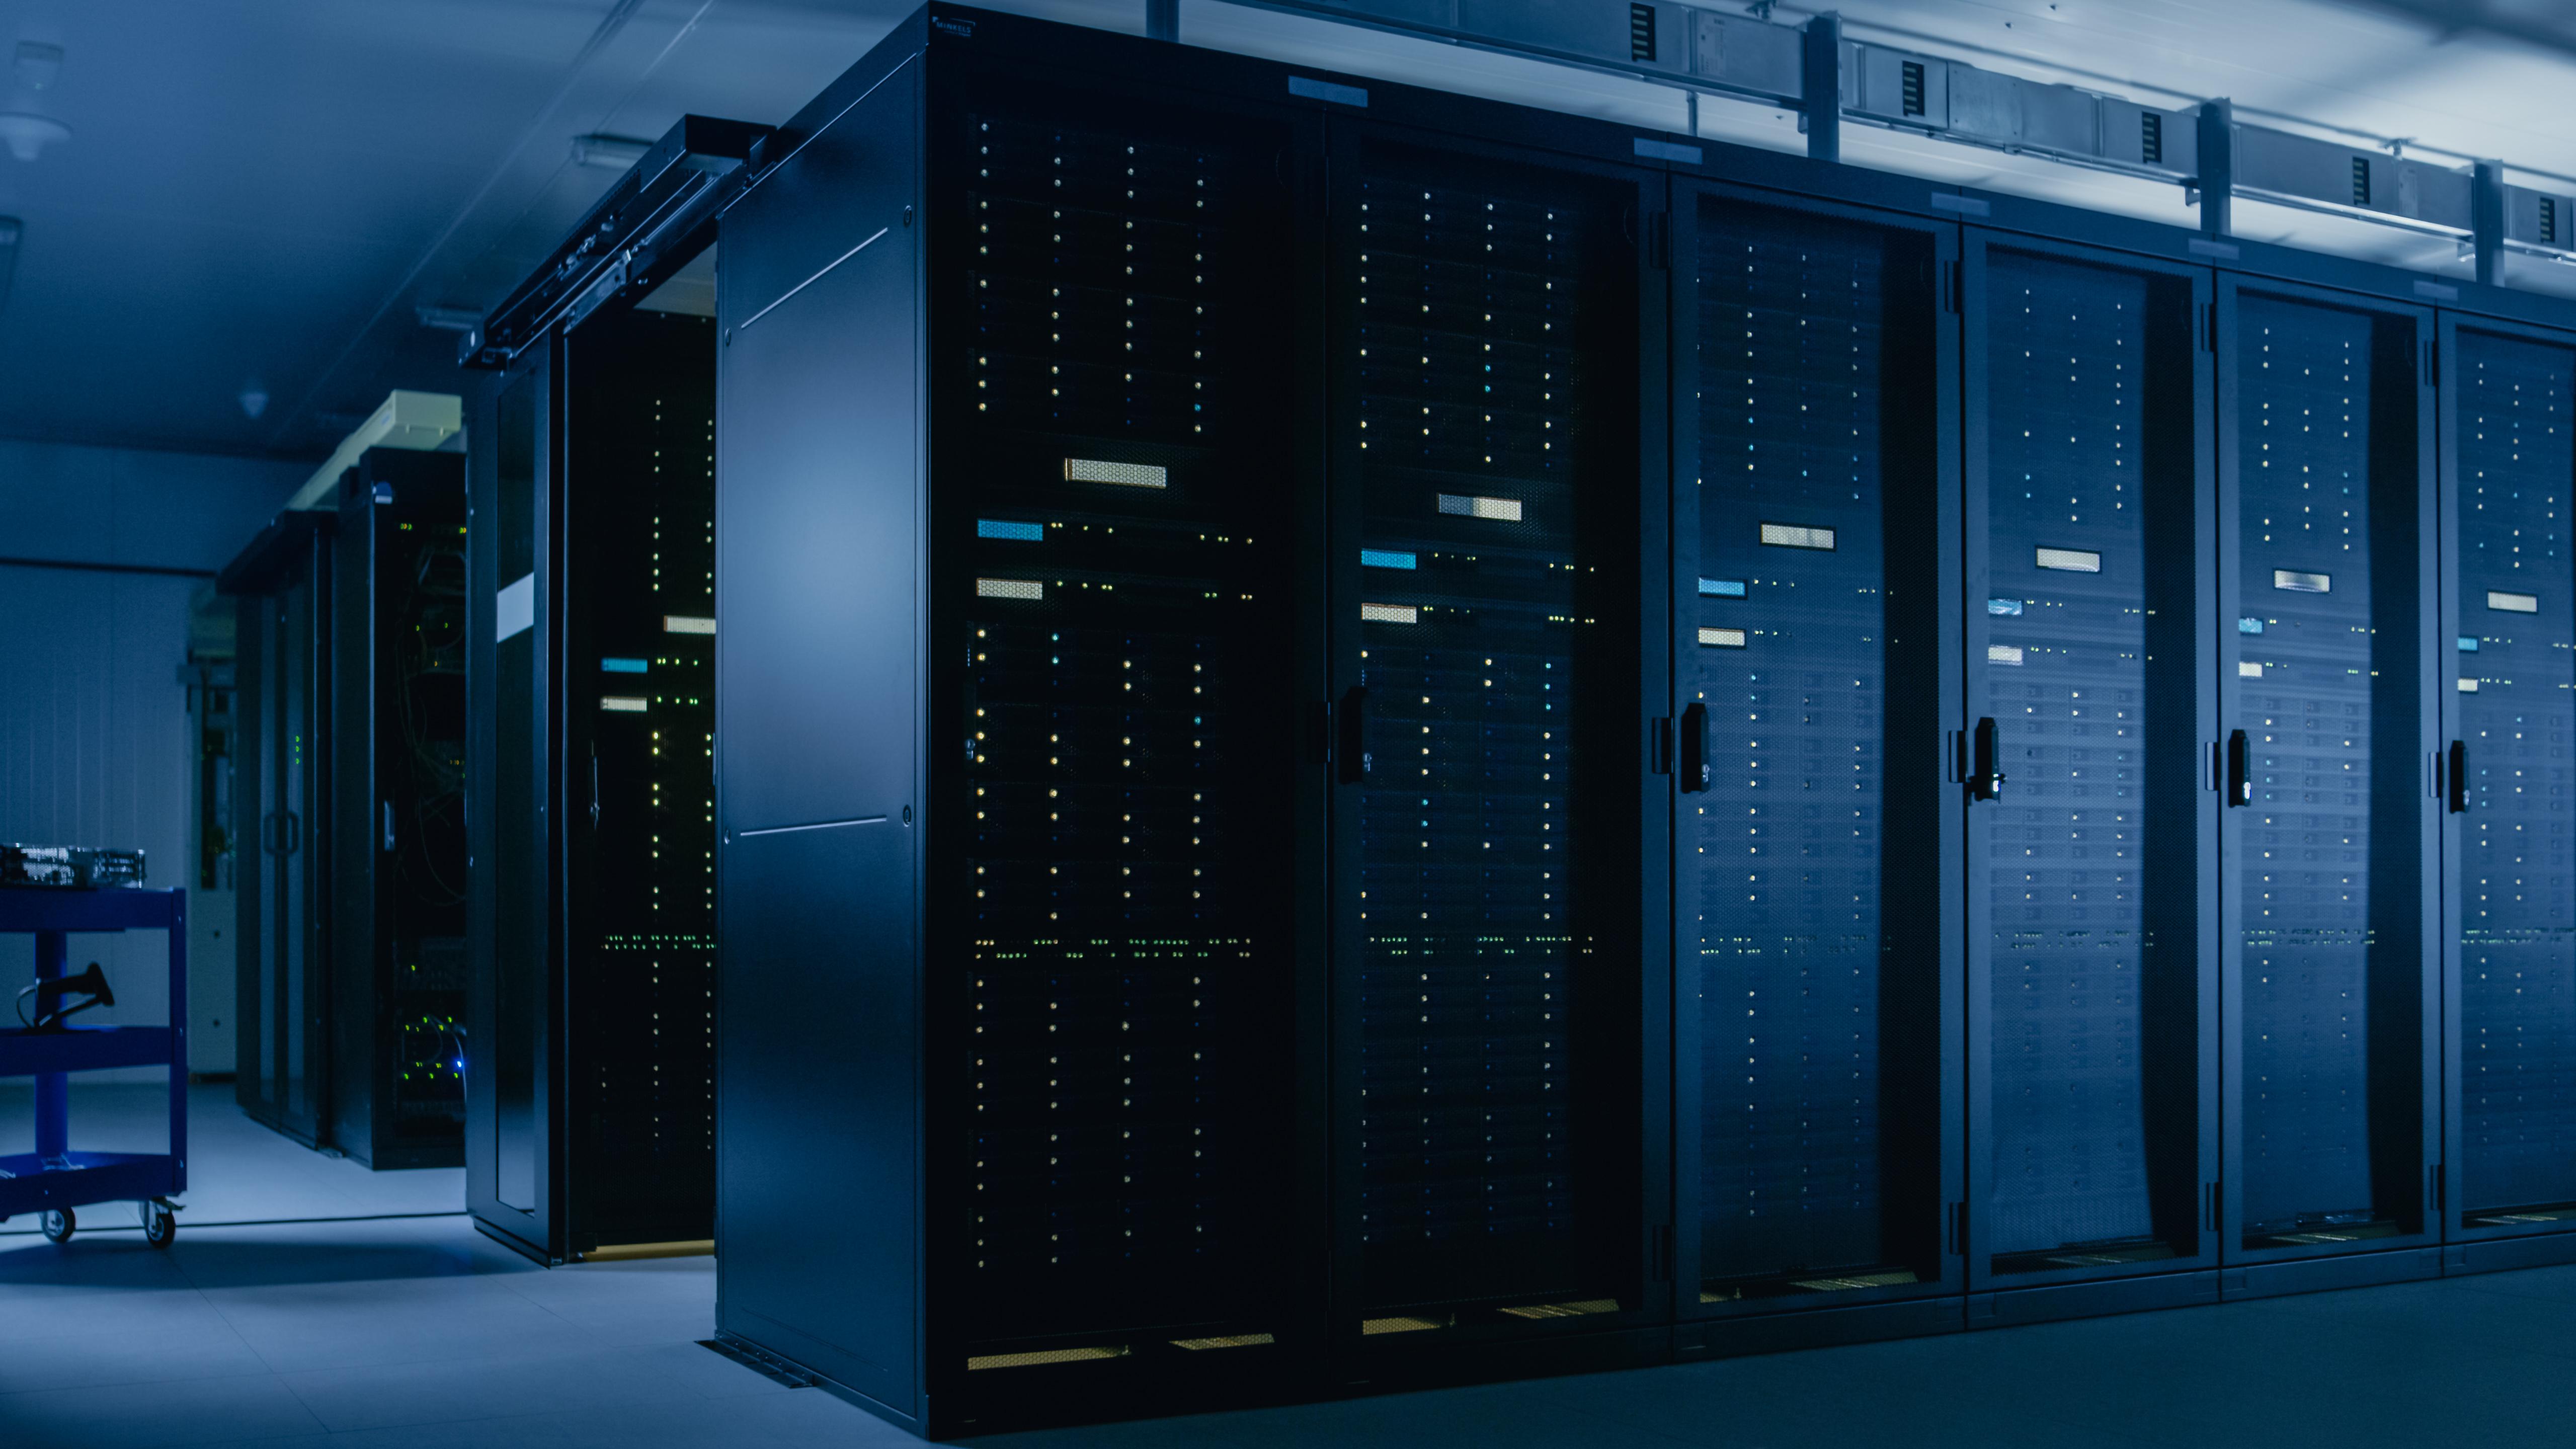 언택트 시대에 꼭 필요한 데이터센터